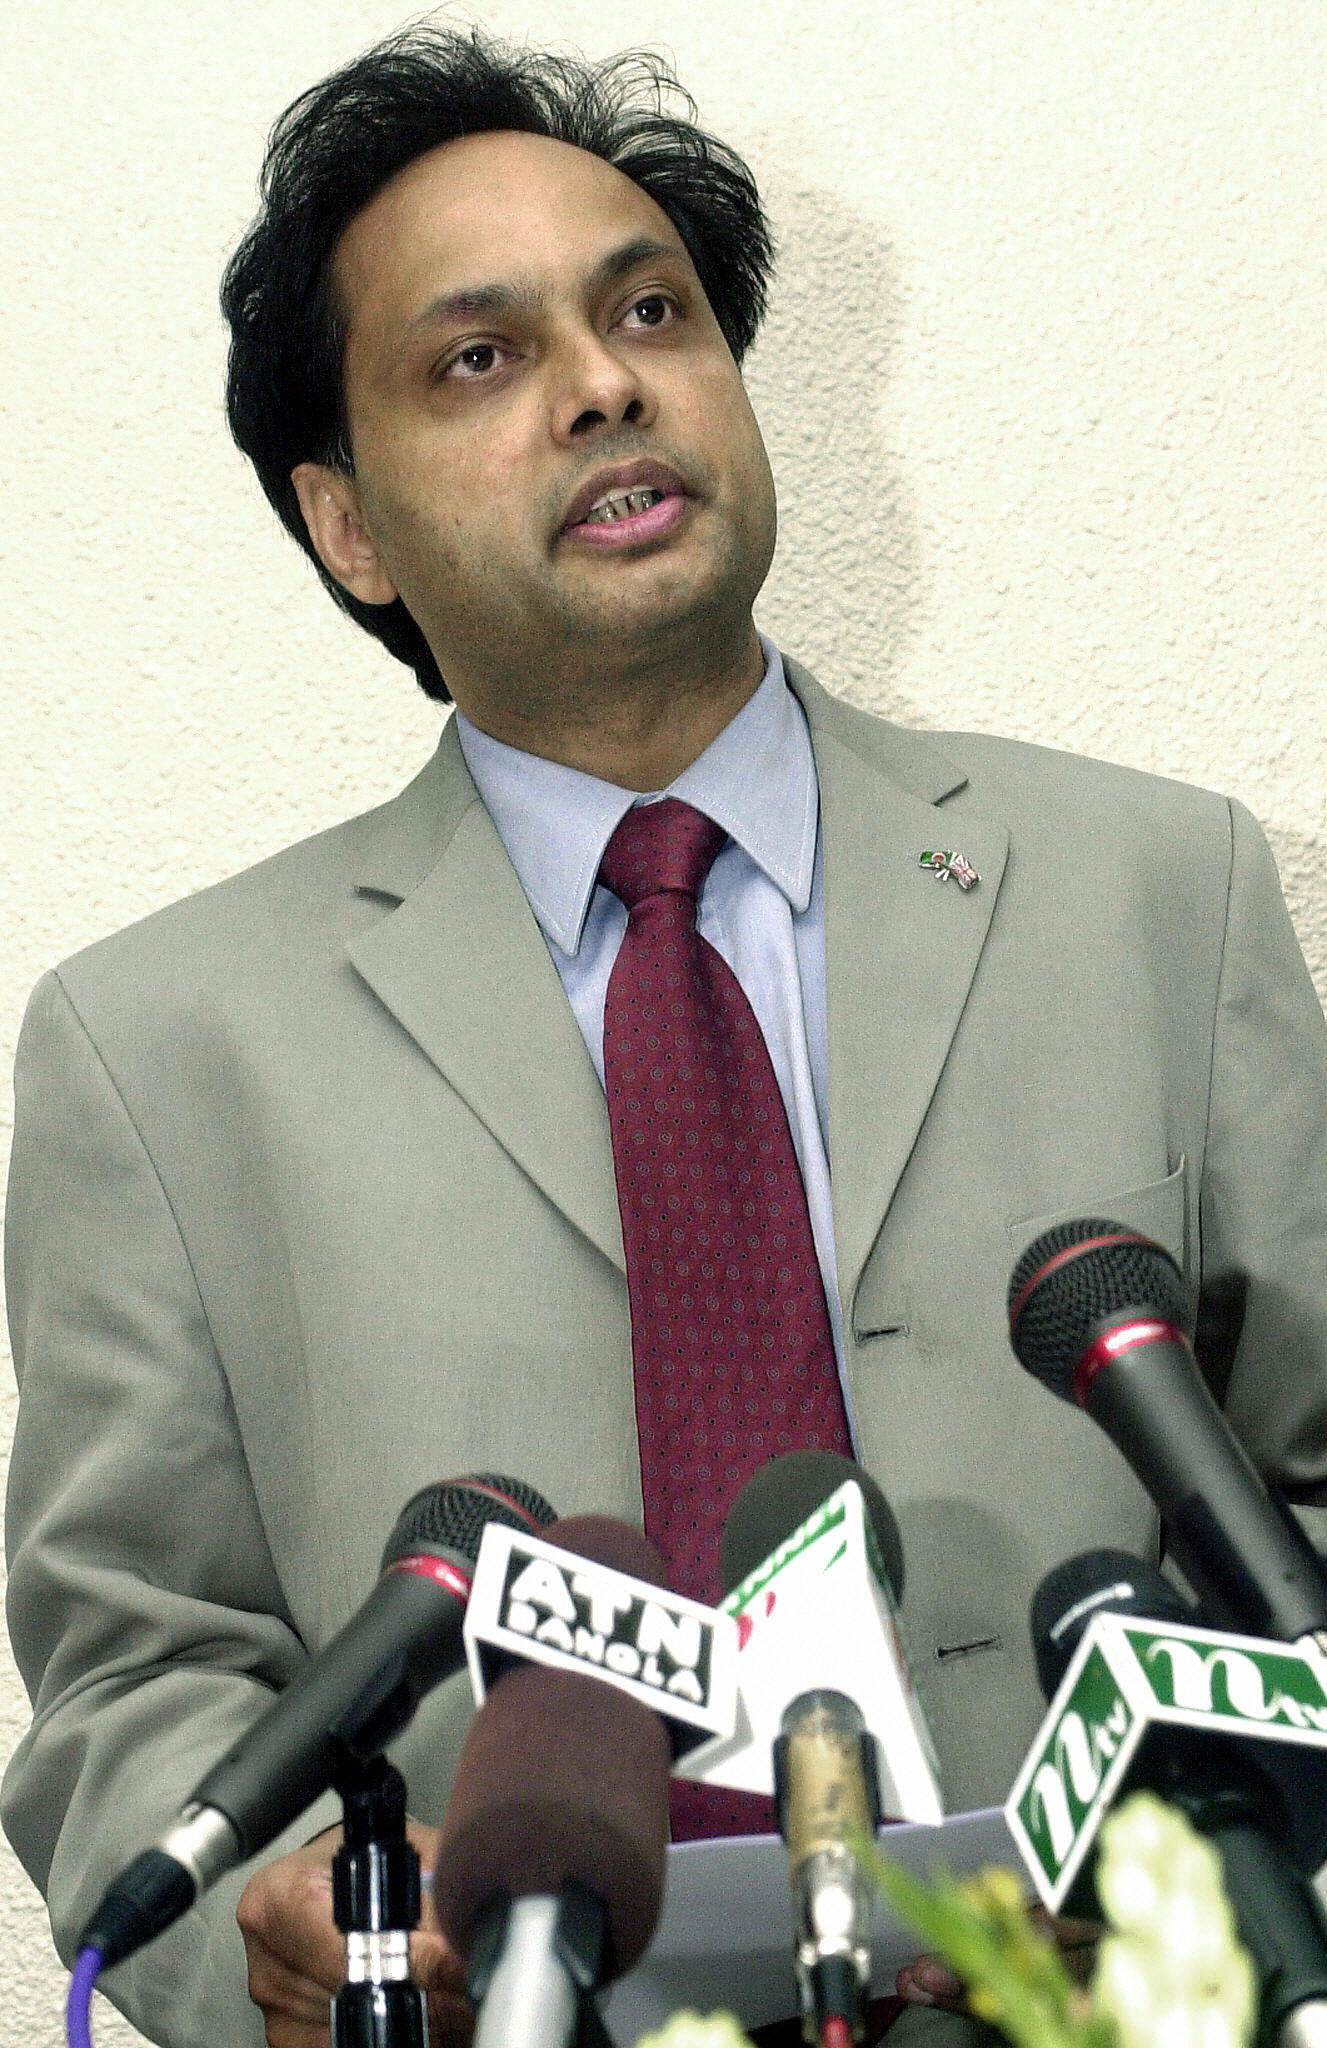 Bangladesh Supreme Court upholds death for 3 Huji militants over 2004 grenade attack on UK envoy